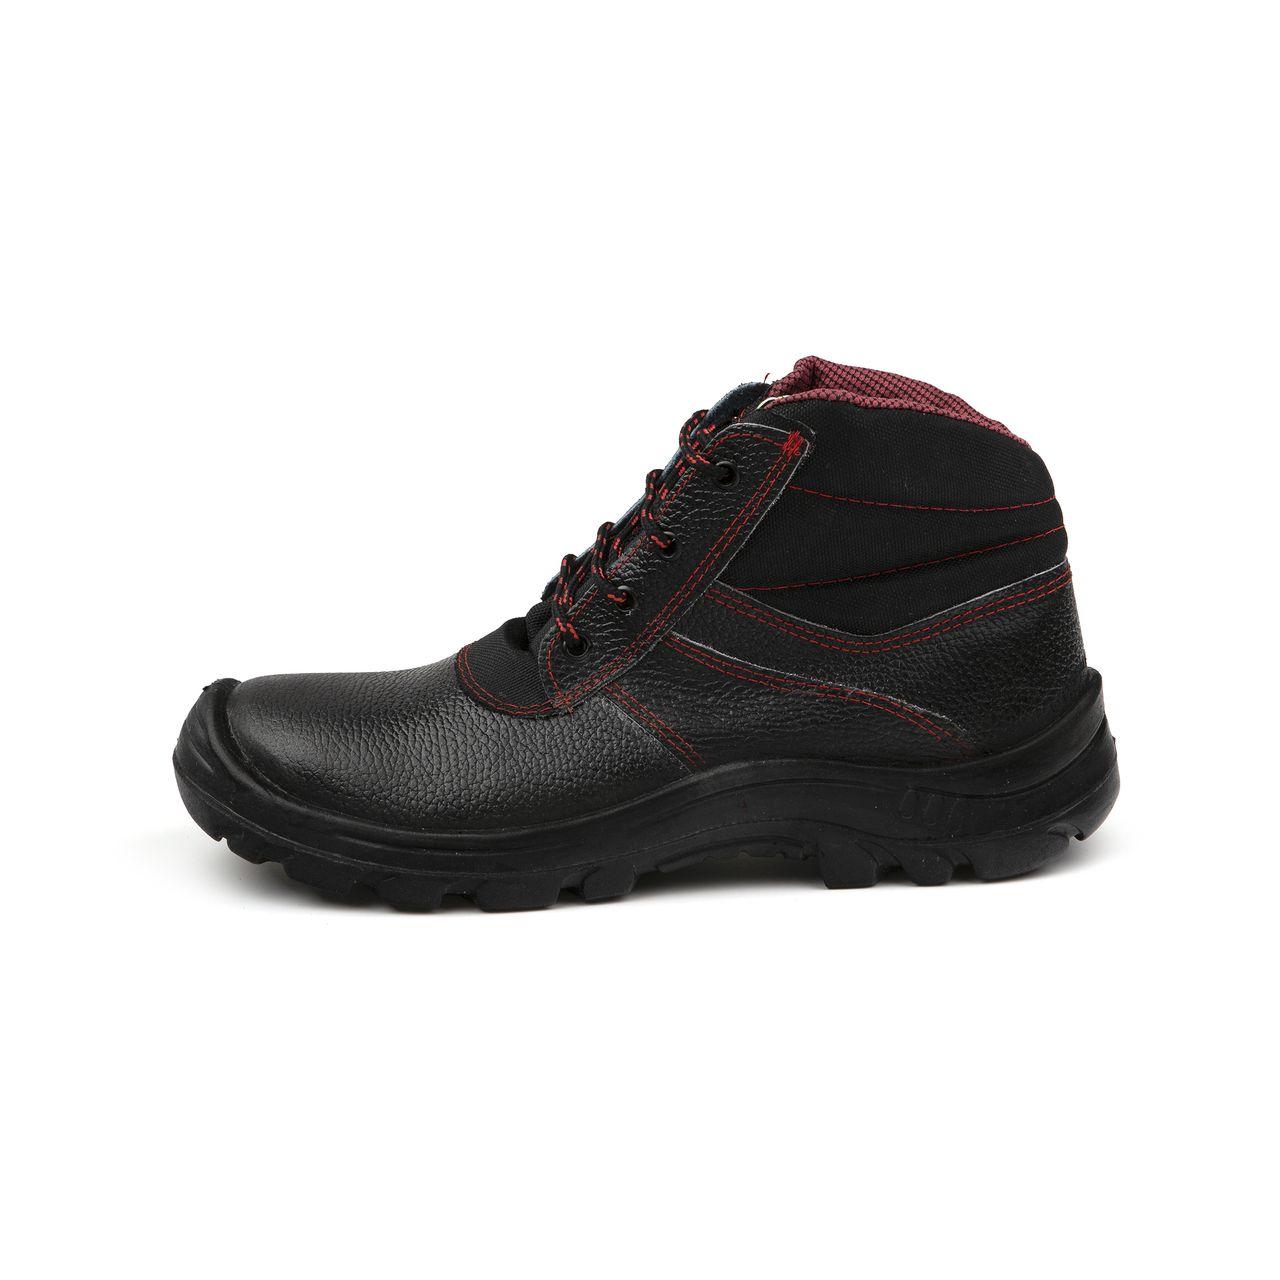 نیم بوت مردانه کفشملی مدل 1619-6828